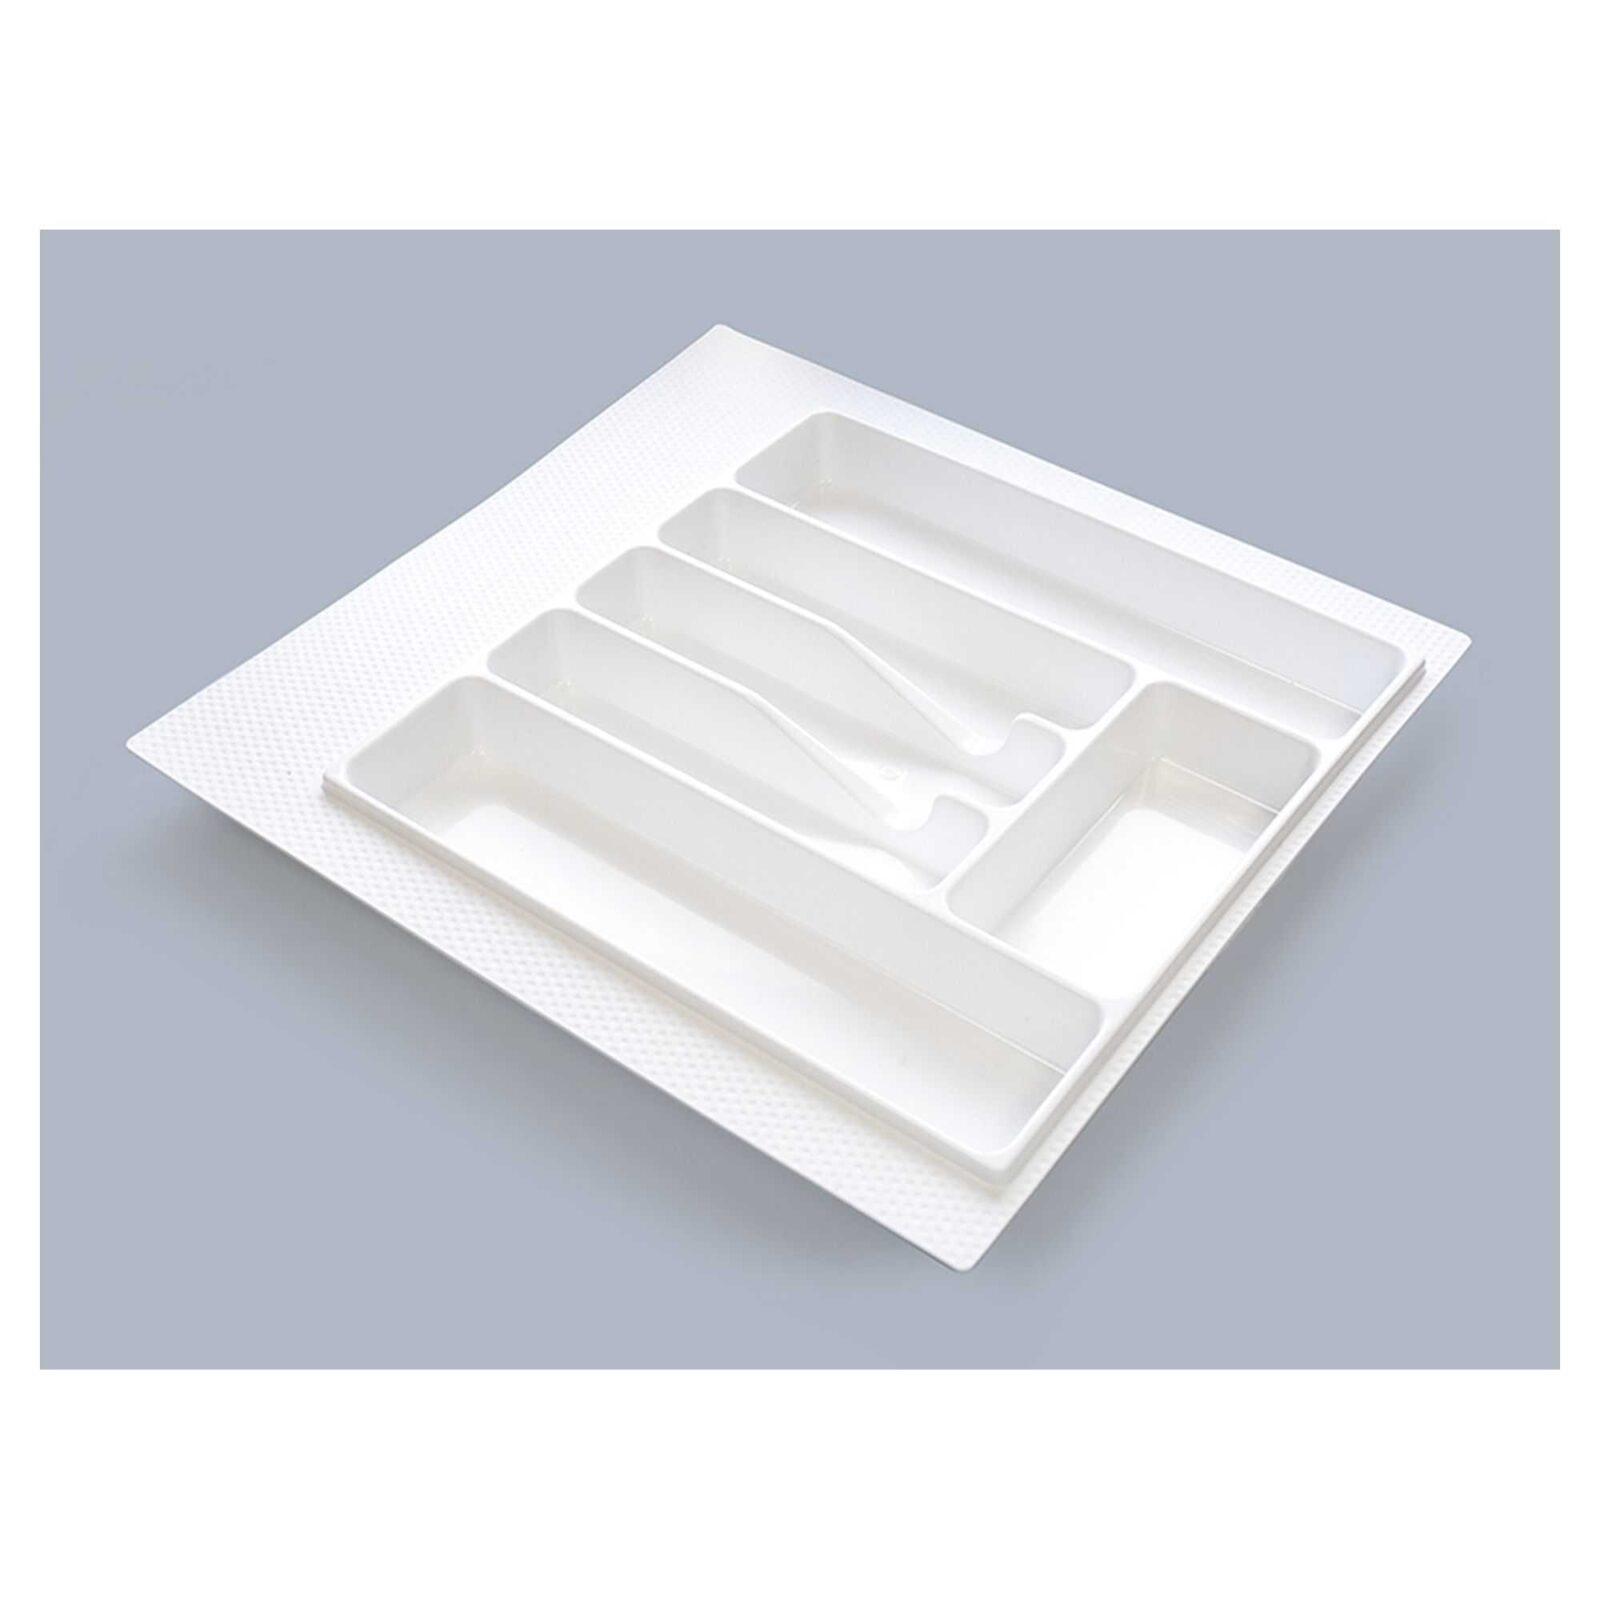 Лоток для столовых приборов М500-550(470х490)белый